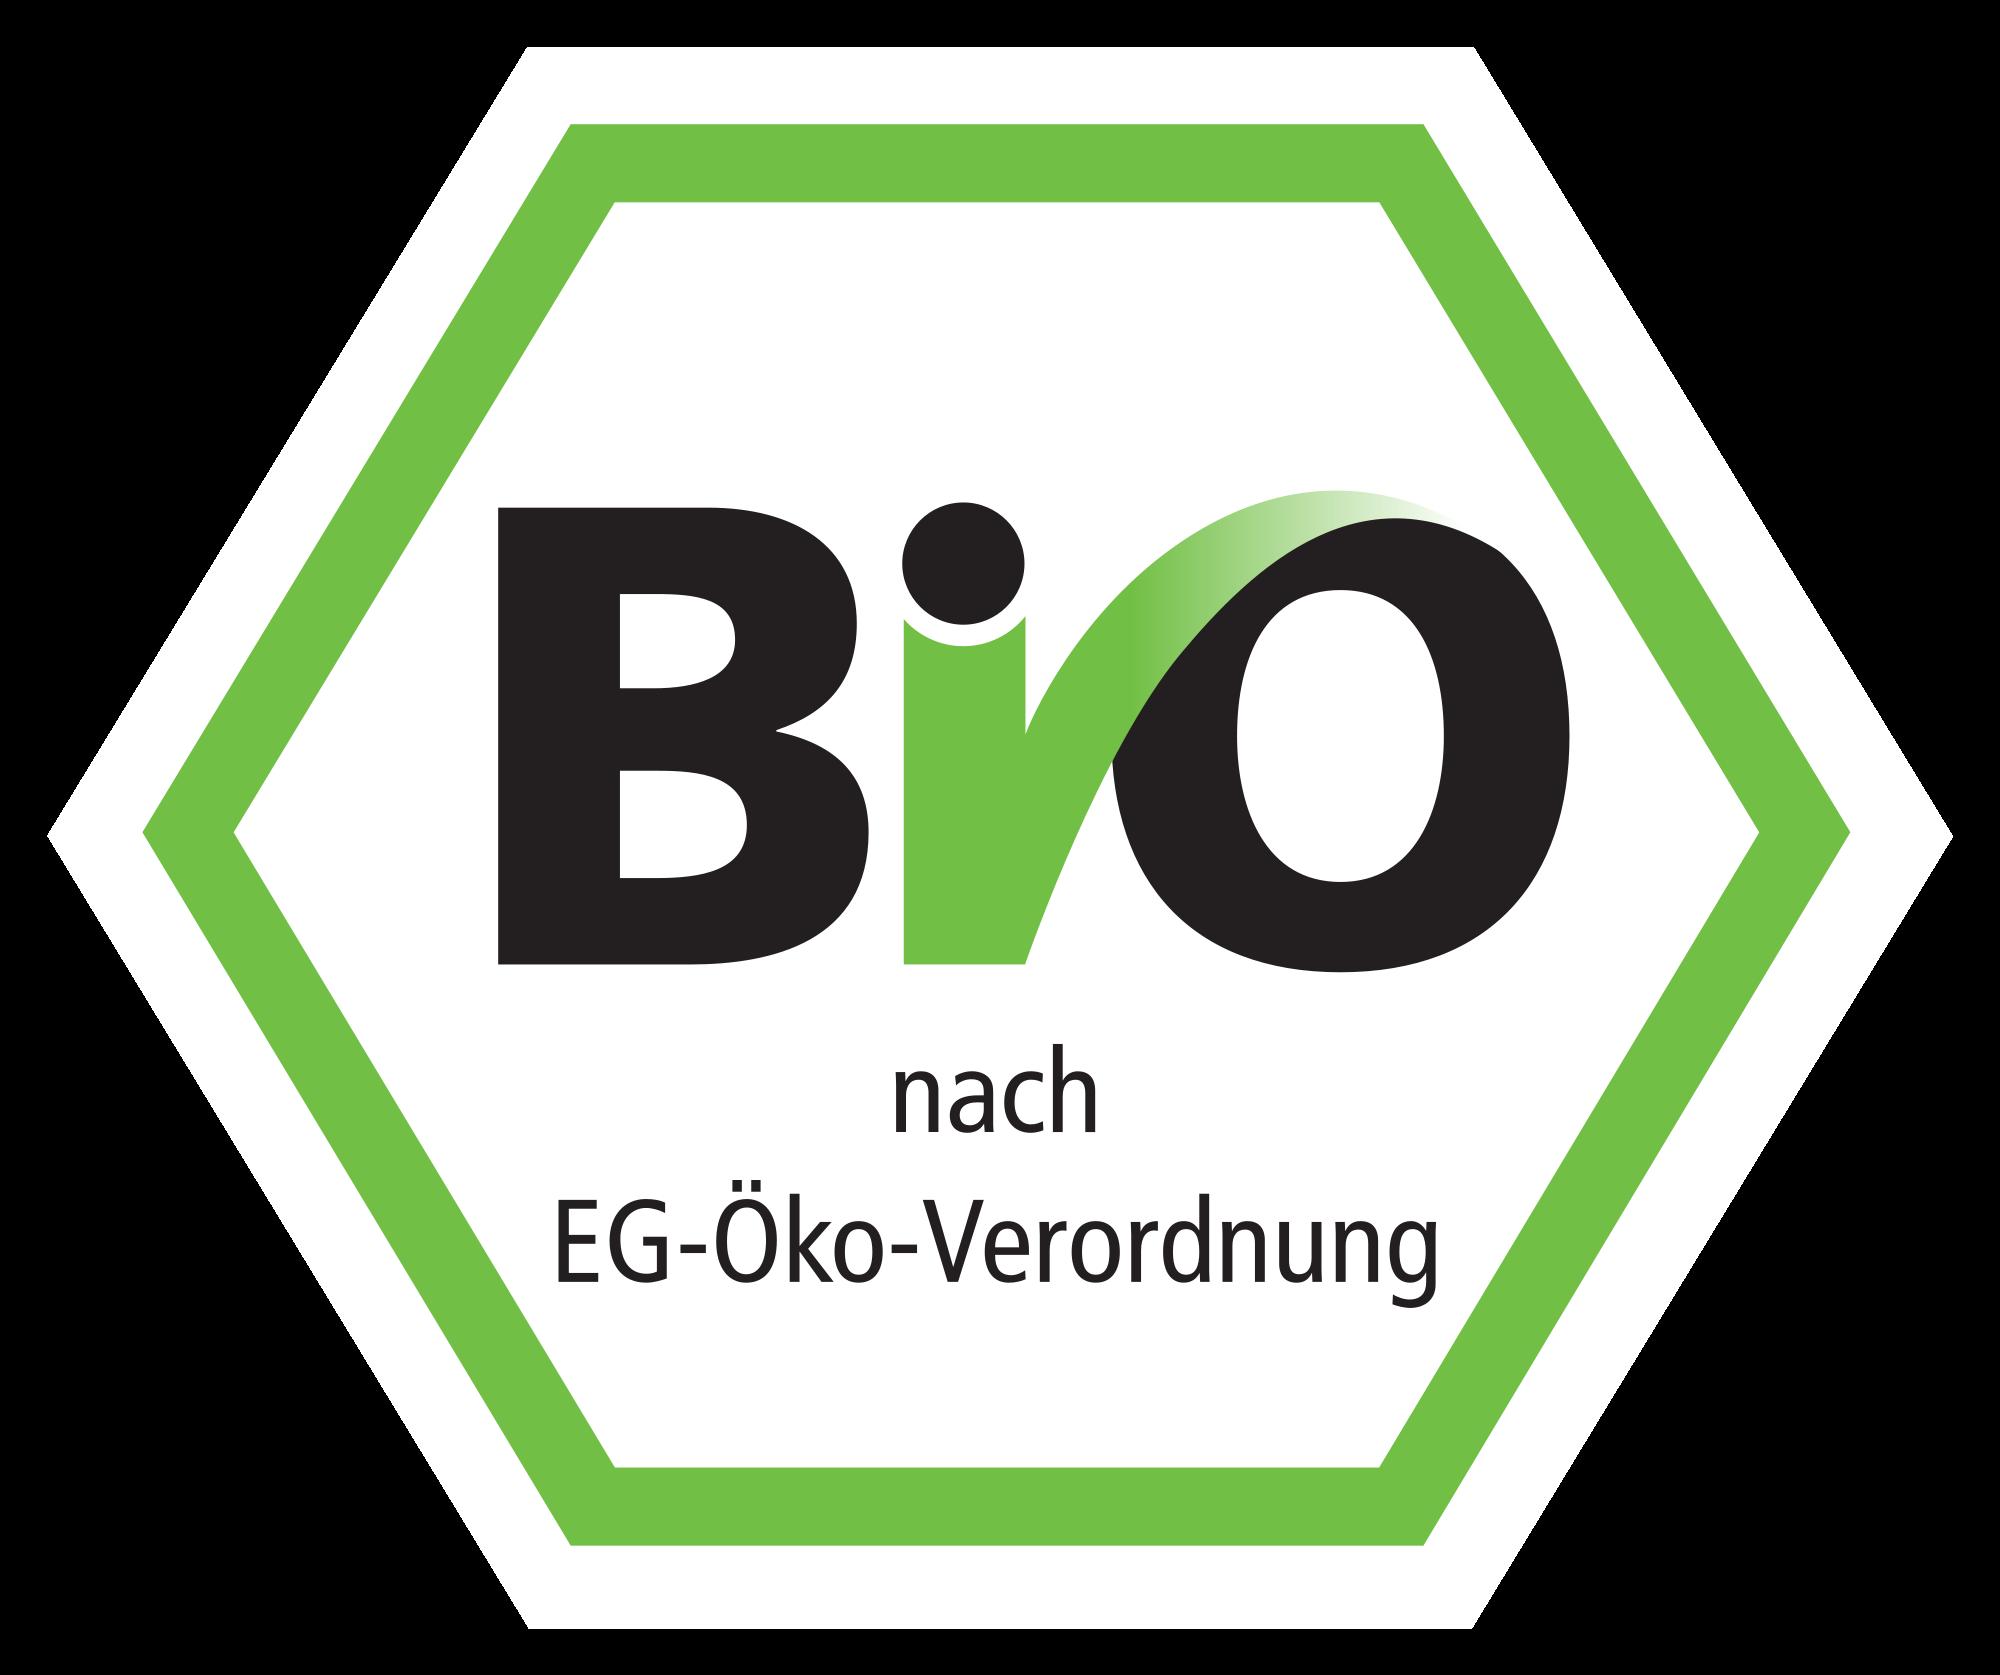 2000px-bio-siegel-eg-oko-vo-deutschland.png